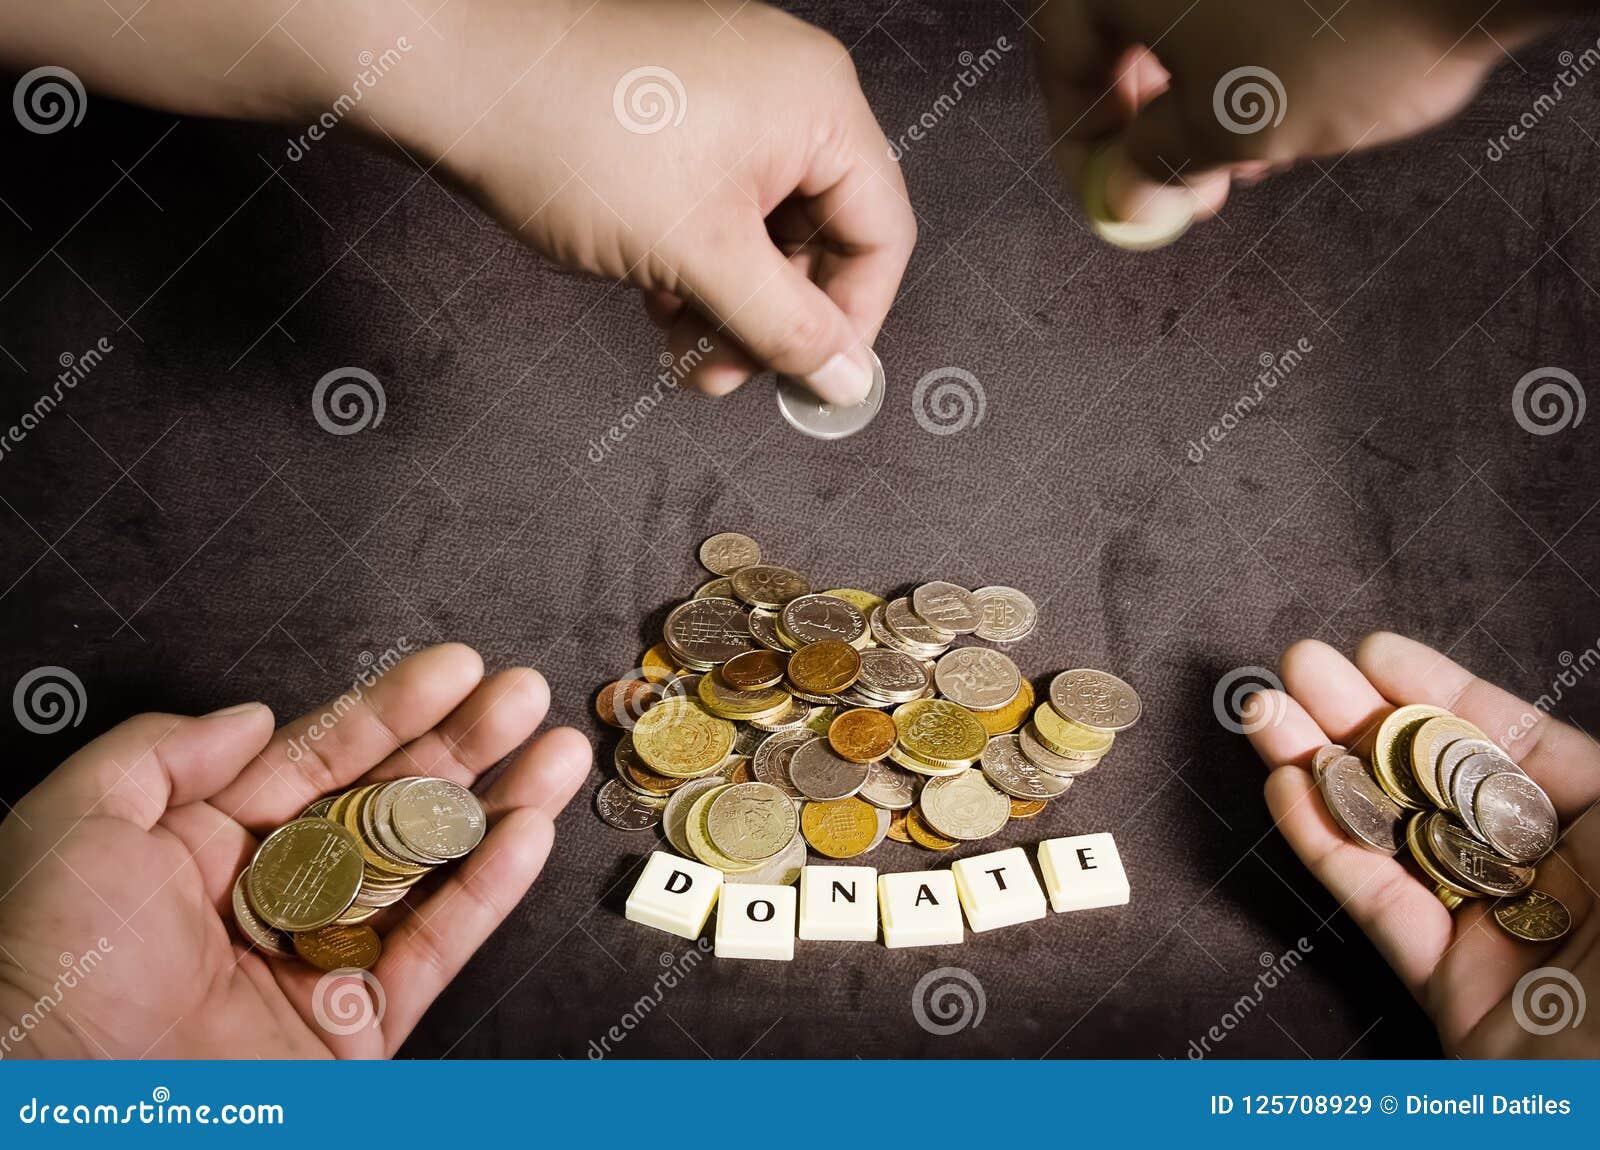 Concepto de la donación, obtención de fondos para una causa